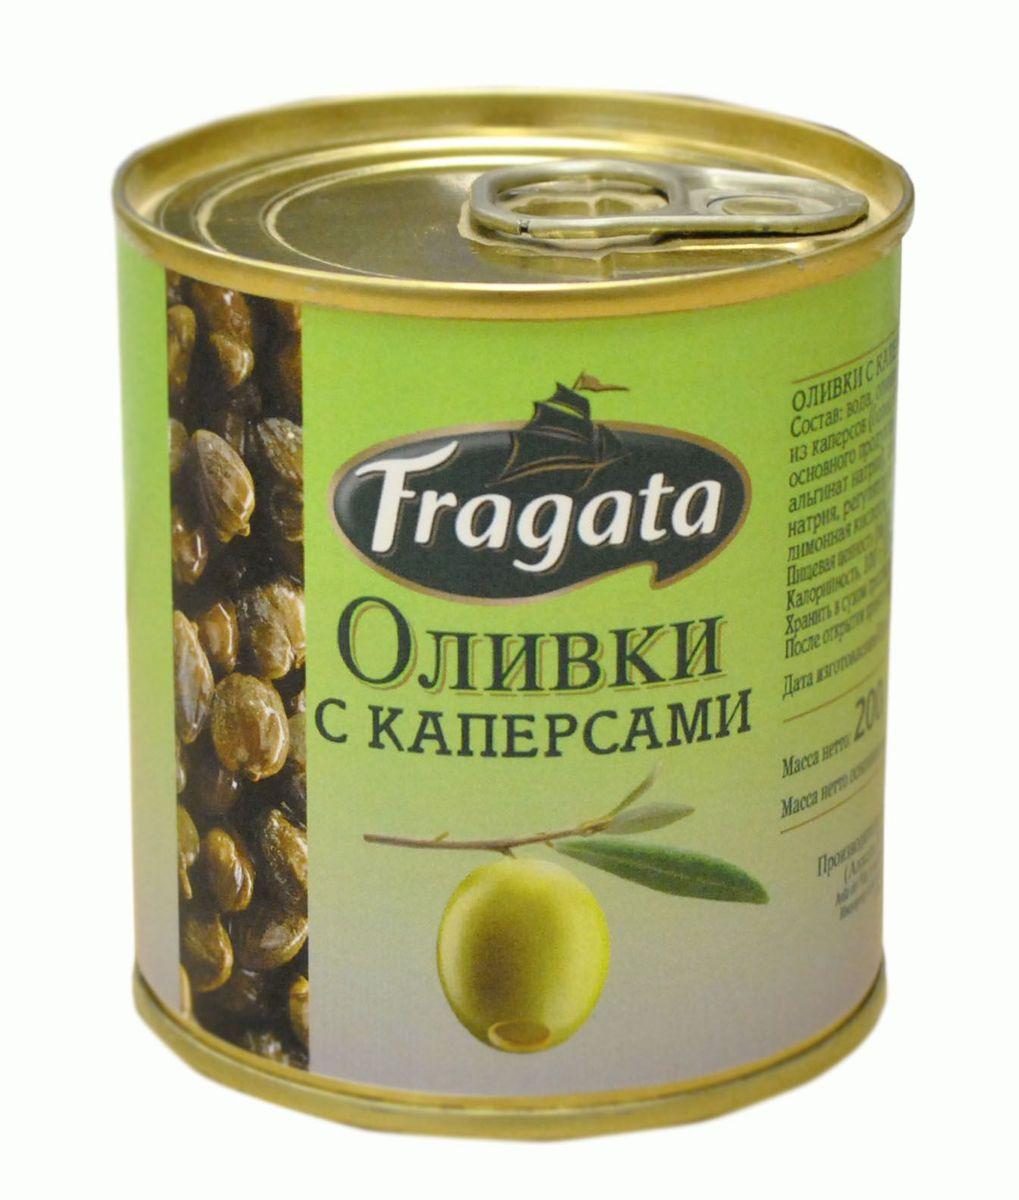 Fragata оливки с каперсами, 200 г34111Маслины и оливки Fragata производятся компанией Angel Camacho, лучшим испанским производителем высококачественных оливок и маслин в среднем ценовом сегменте уже в течение 100 лет.